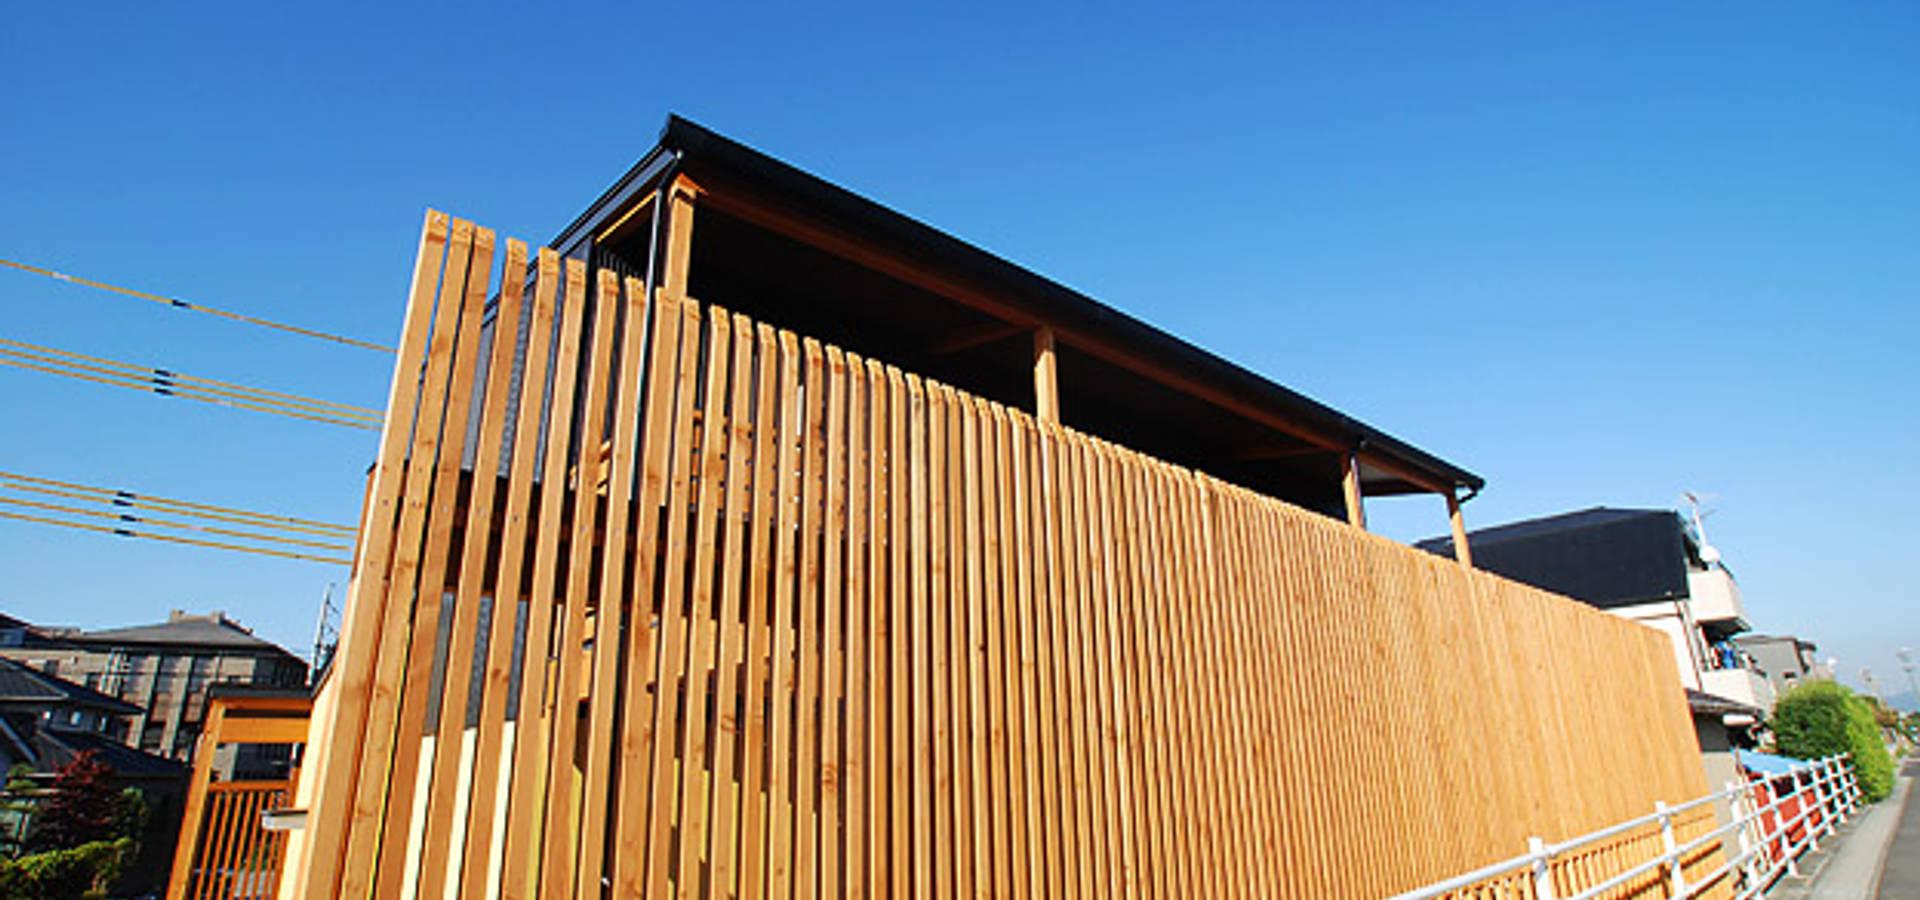 Atelier繁建築設計事務所